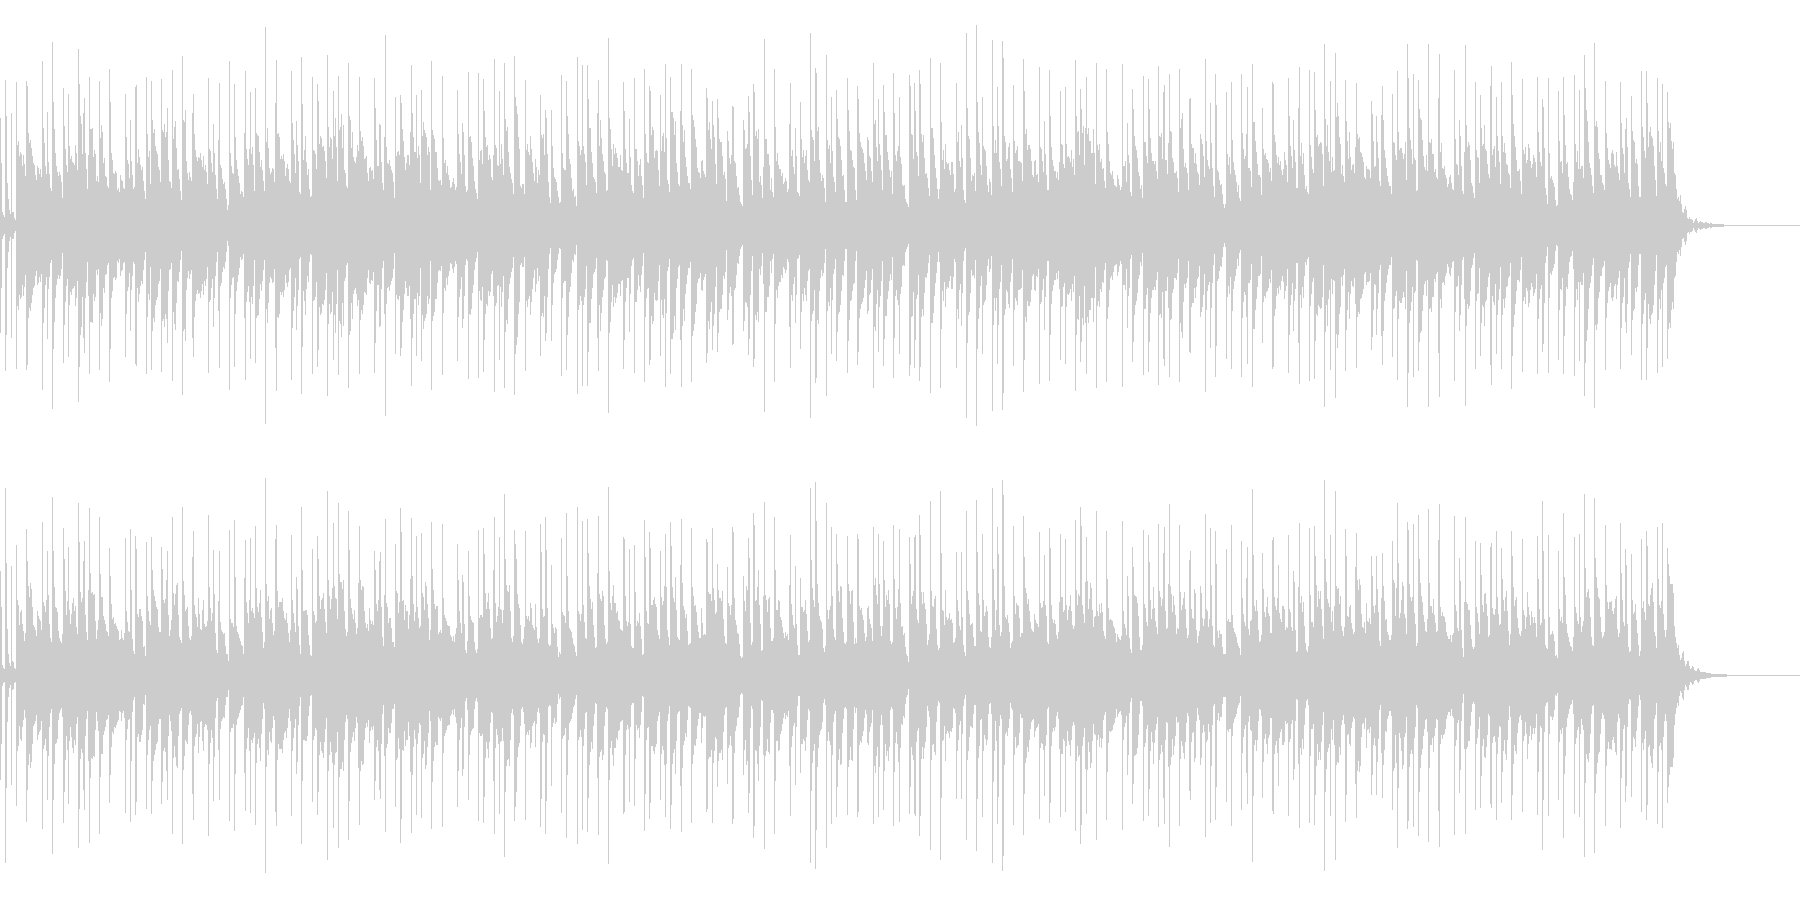 アコギとベルのふんわり穏やかなBGMの未再生の波形